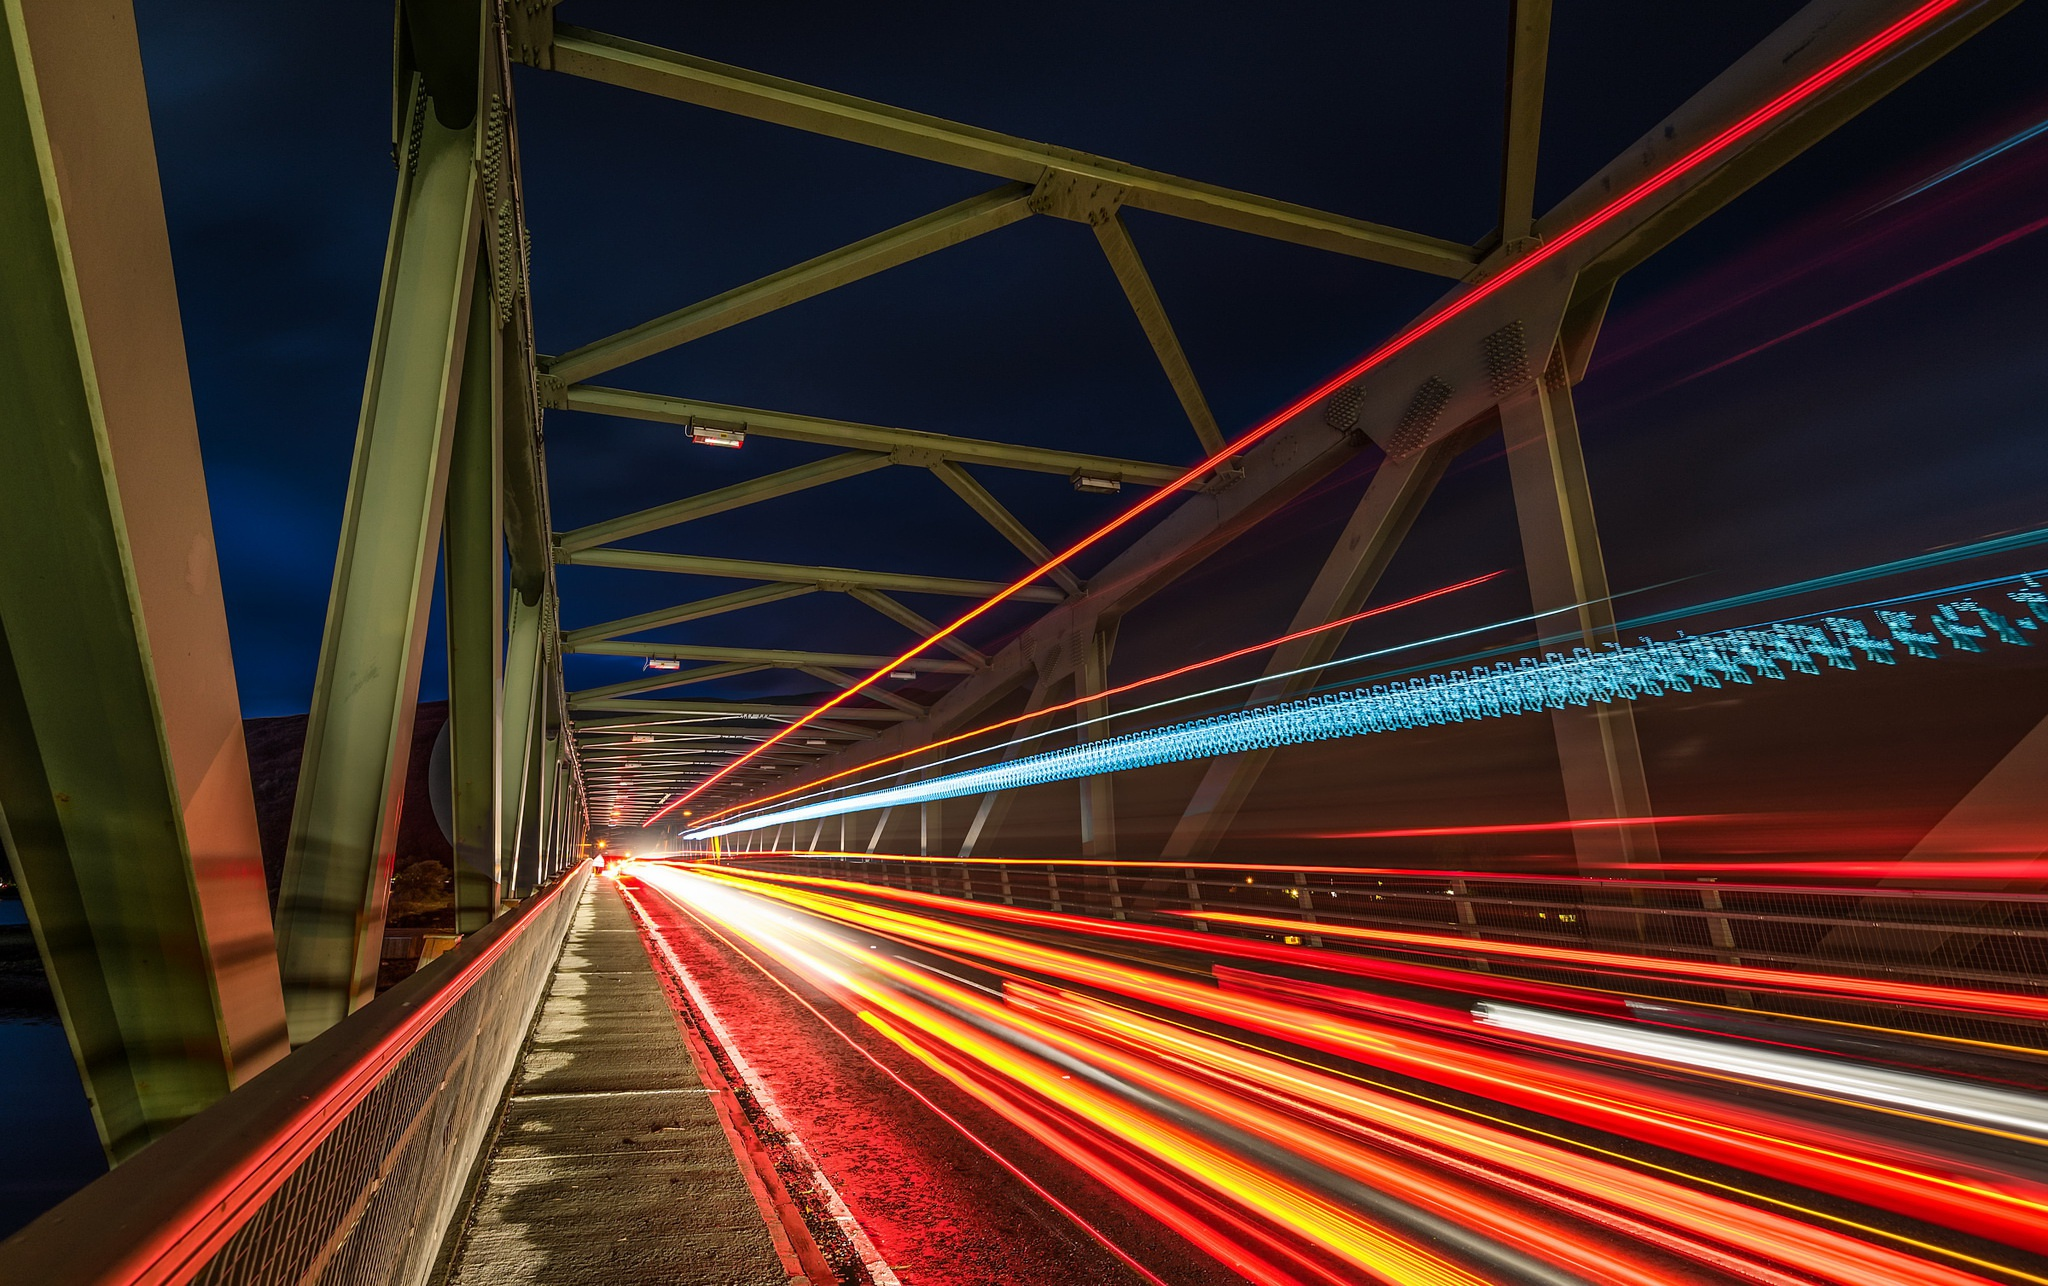 Мост огни ночь  № 3716533 загрузить